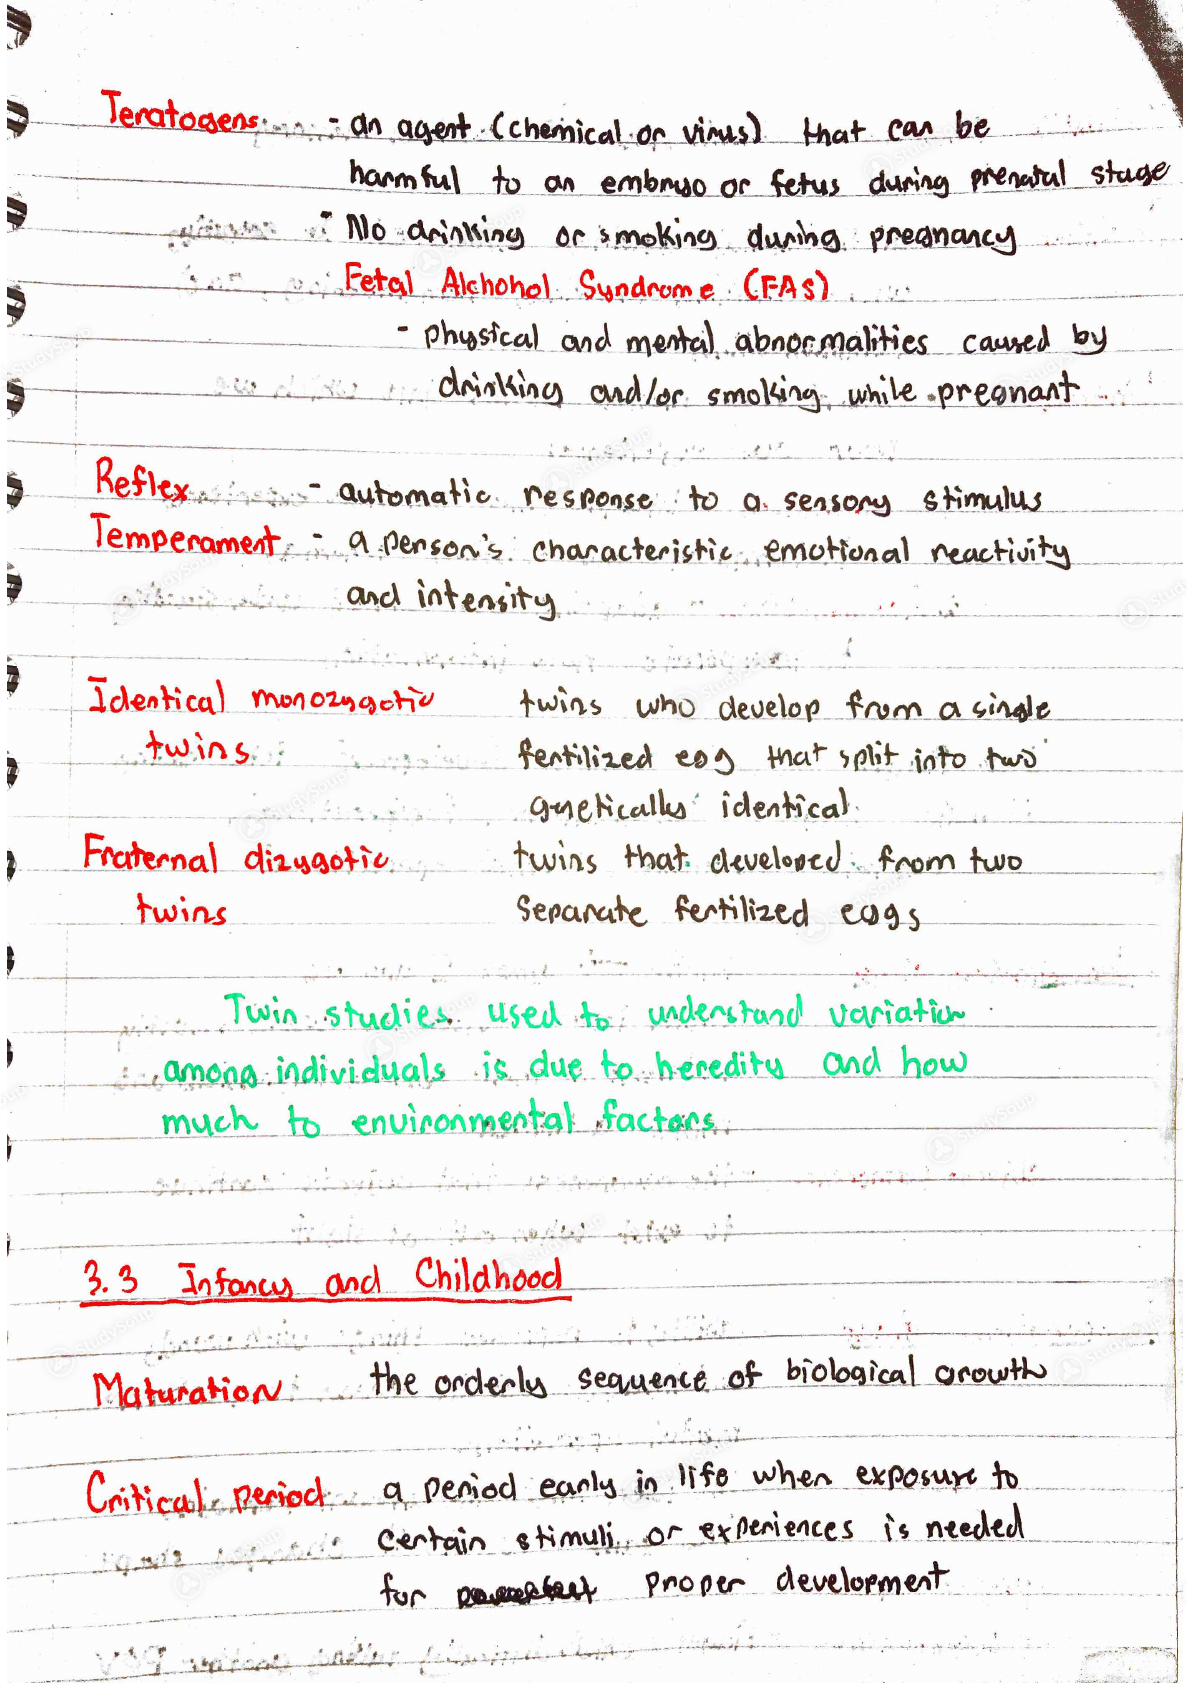 GSU - psychology 1101 - Intro to Psychology Chapter 3 Notes